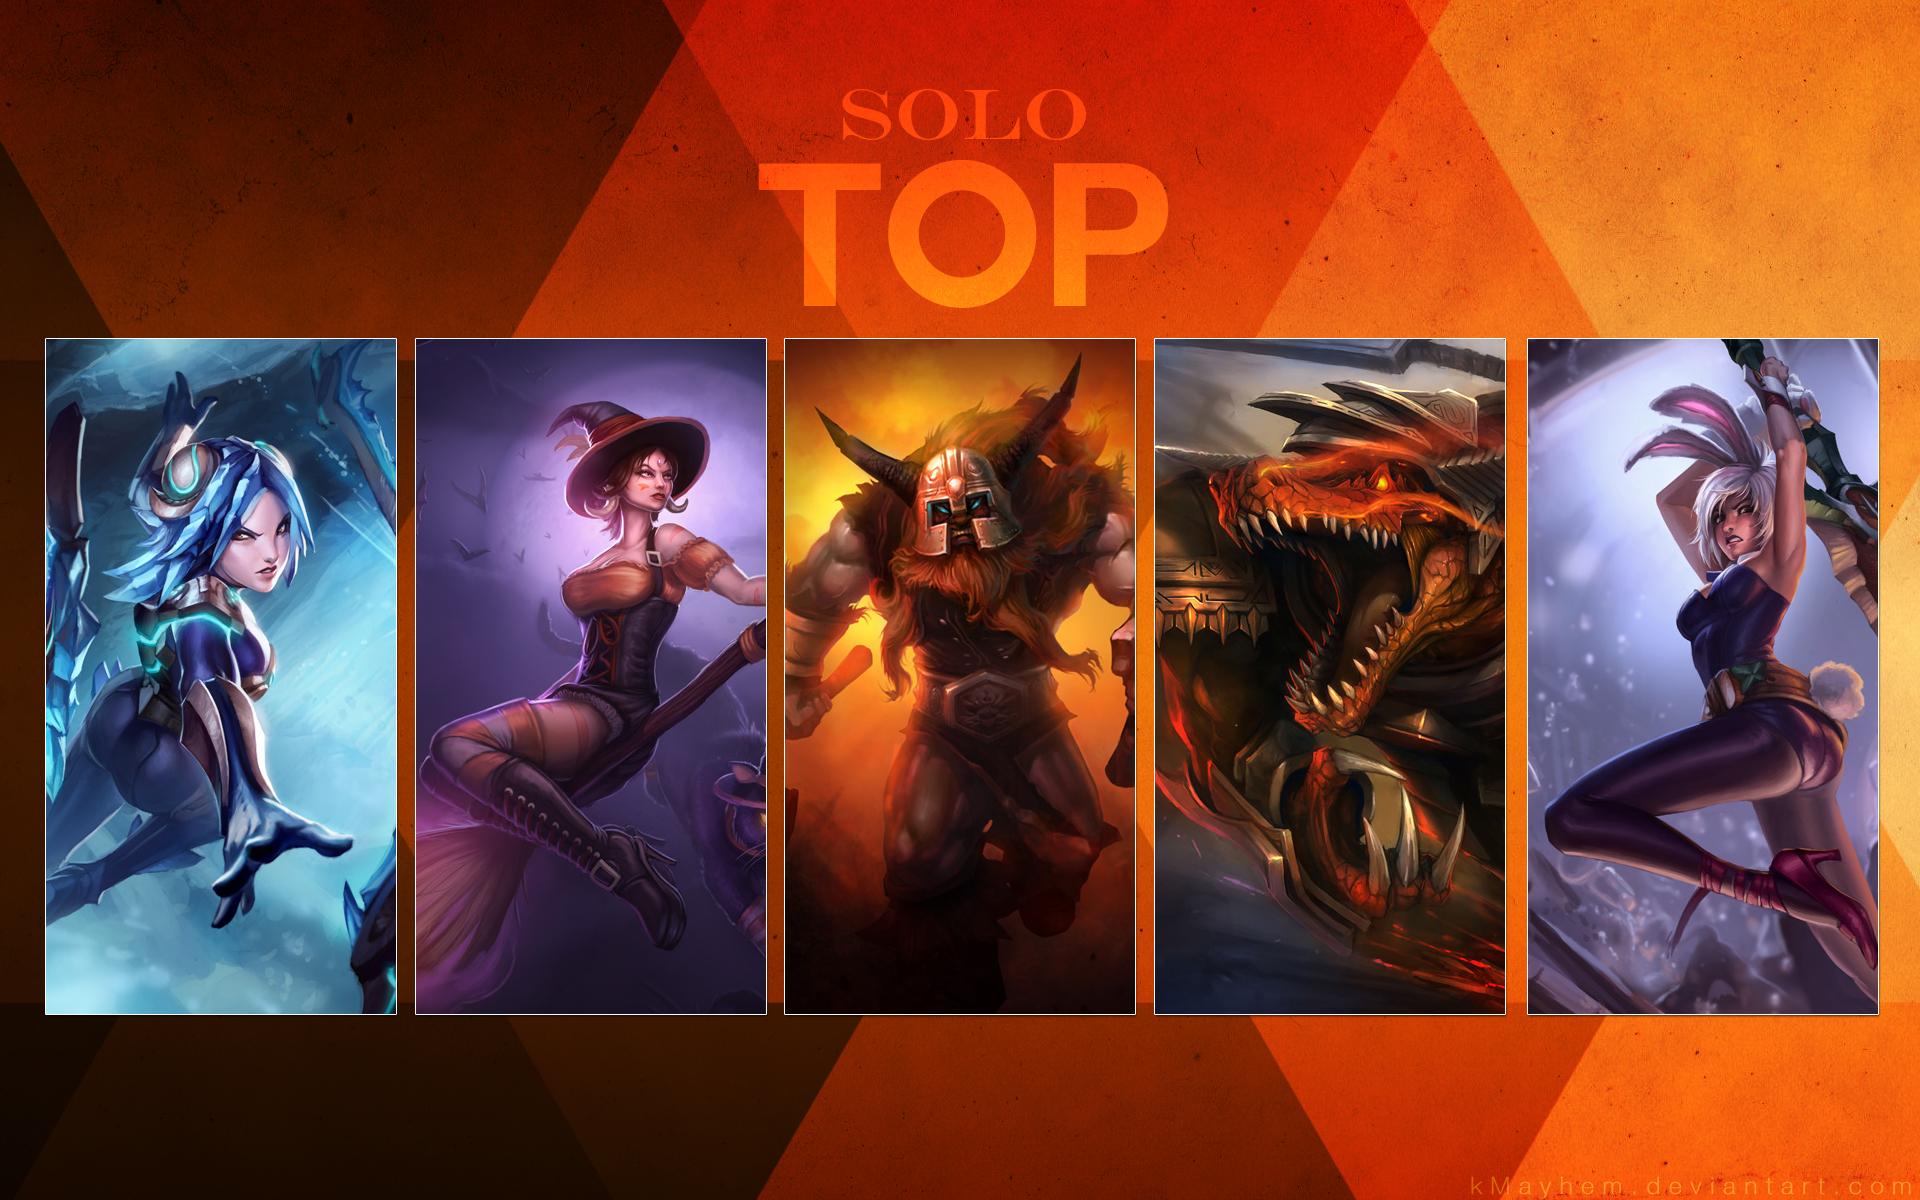 Solo Top by kMayhem